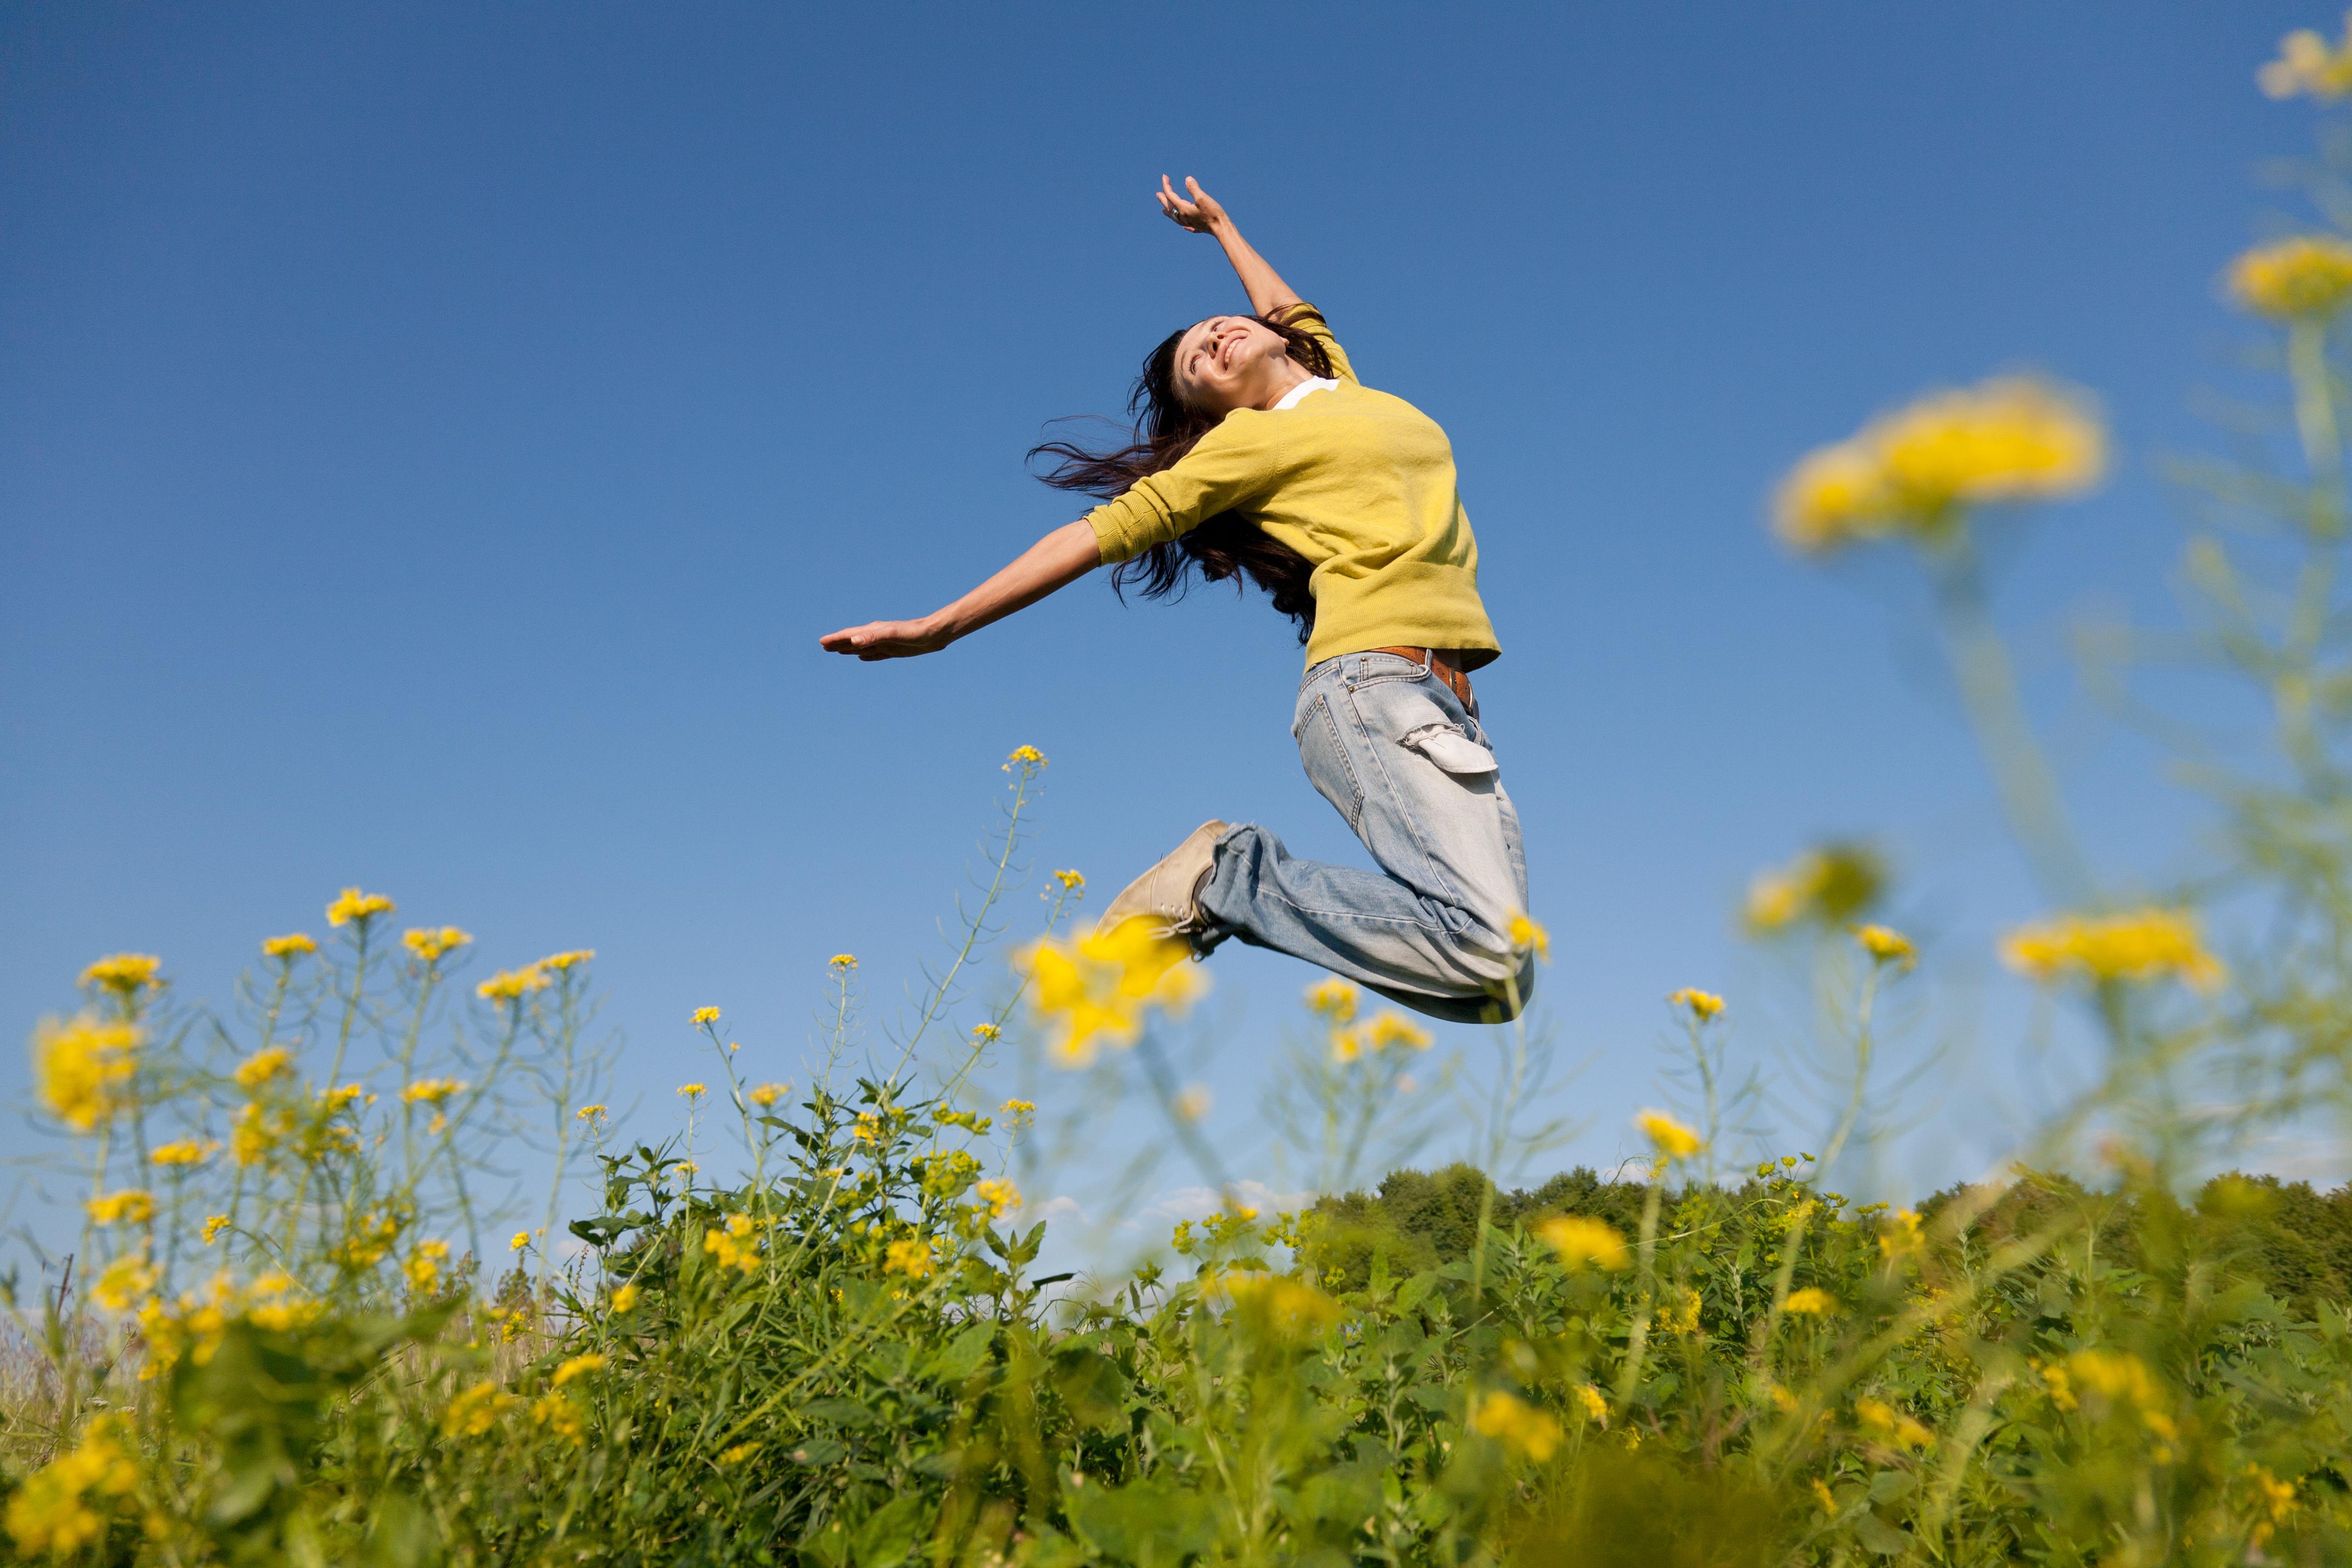 Med riktning på livet och övergripande mål för vad du vill uppnå kan du enligt forskare leva längre.